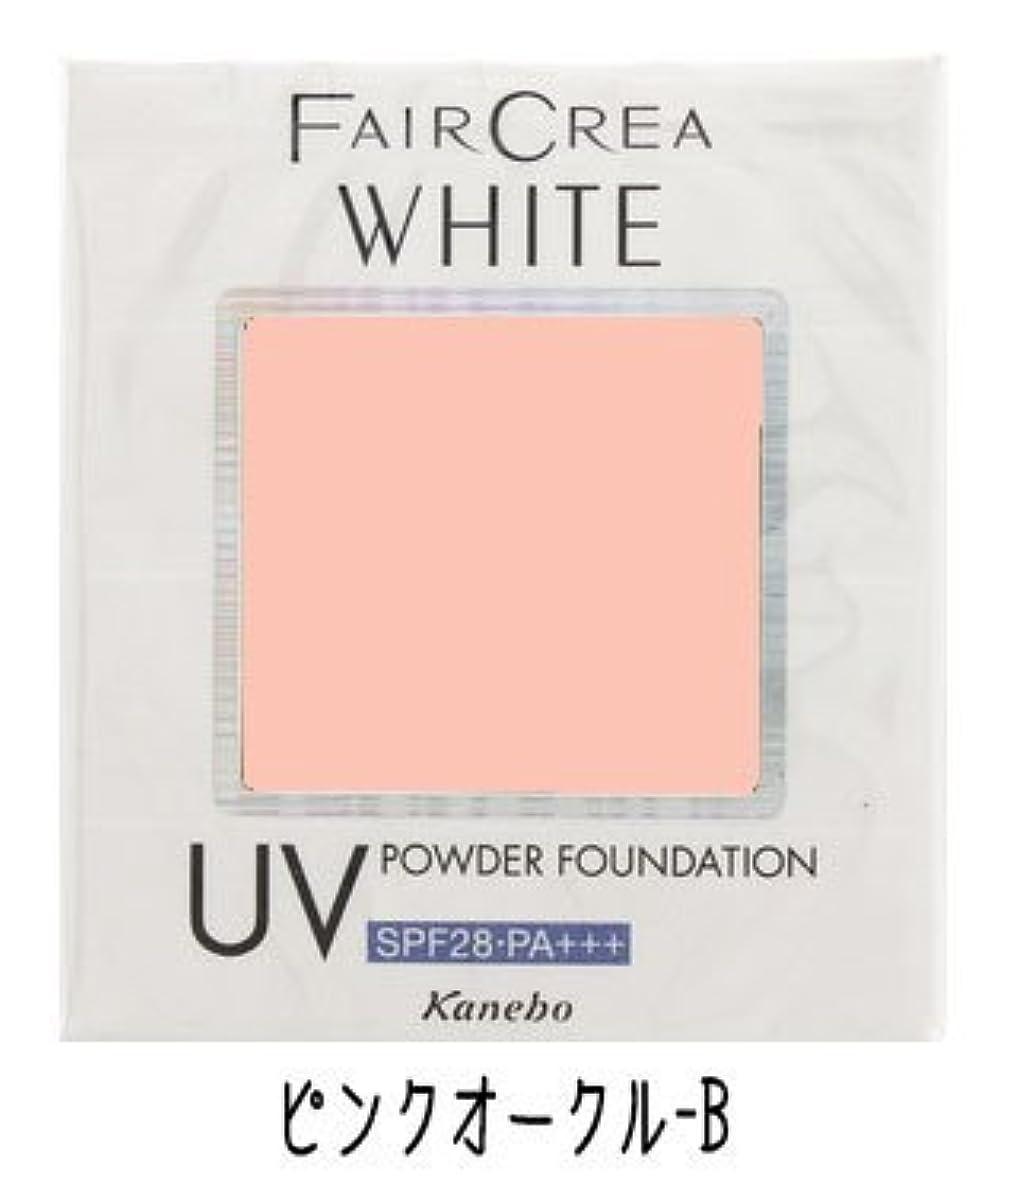 不毛の遮る技術者カネボウ フェアクレア ホワイトUVパウダーファンデーション《10g》<カラー:ピンクオークルB>